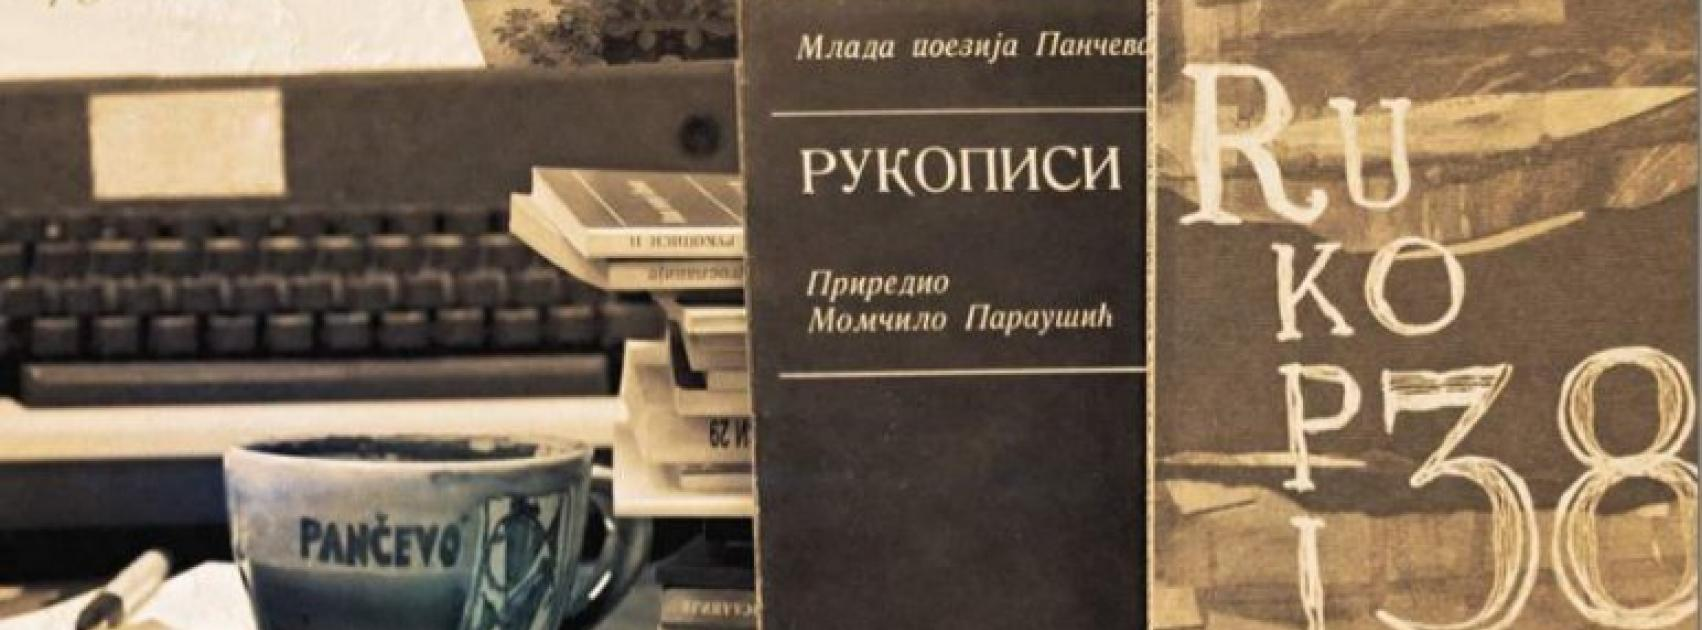 rukopisi40_1.jpg